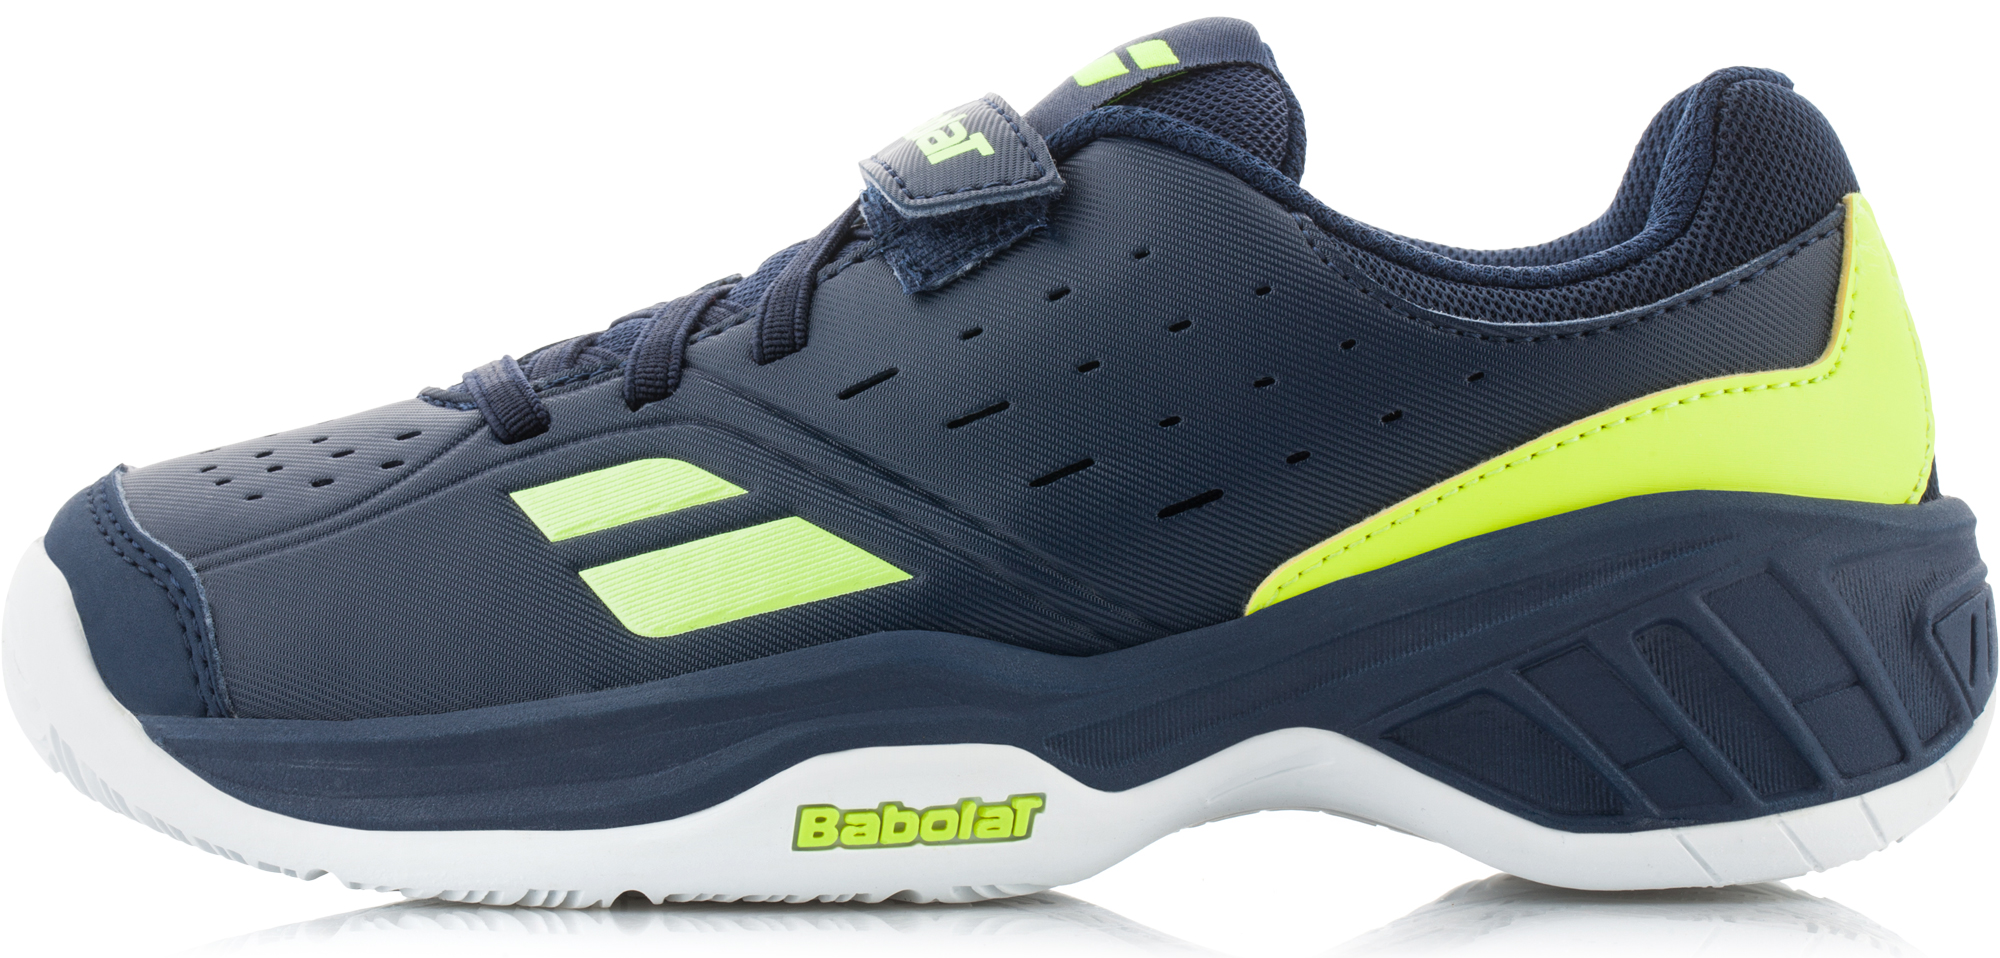 Babolat Кроссовки для мальчиков Babolat Pulsion All Court кроссовки для мальчиков